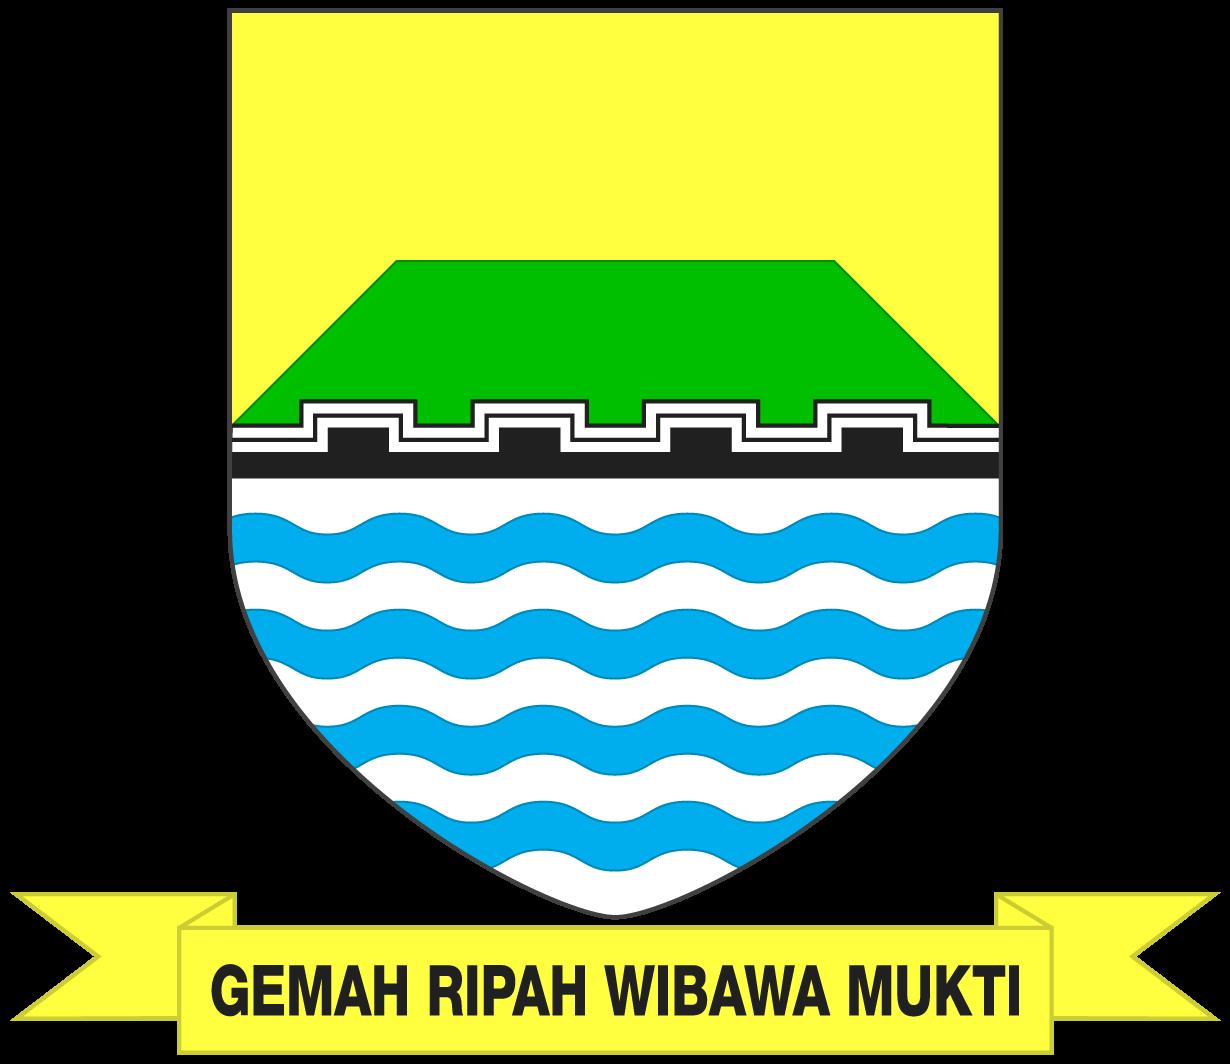 Daftar kecamatan dan kelurahan di Kota Bandung - Wikipedia ...